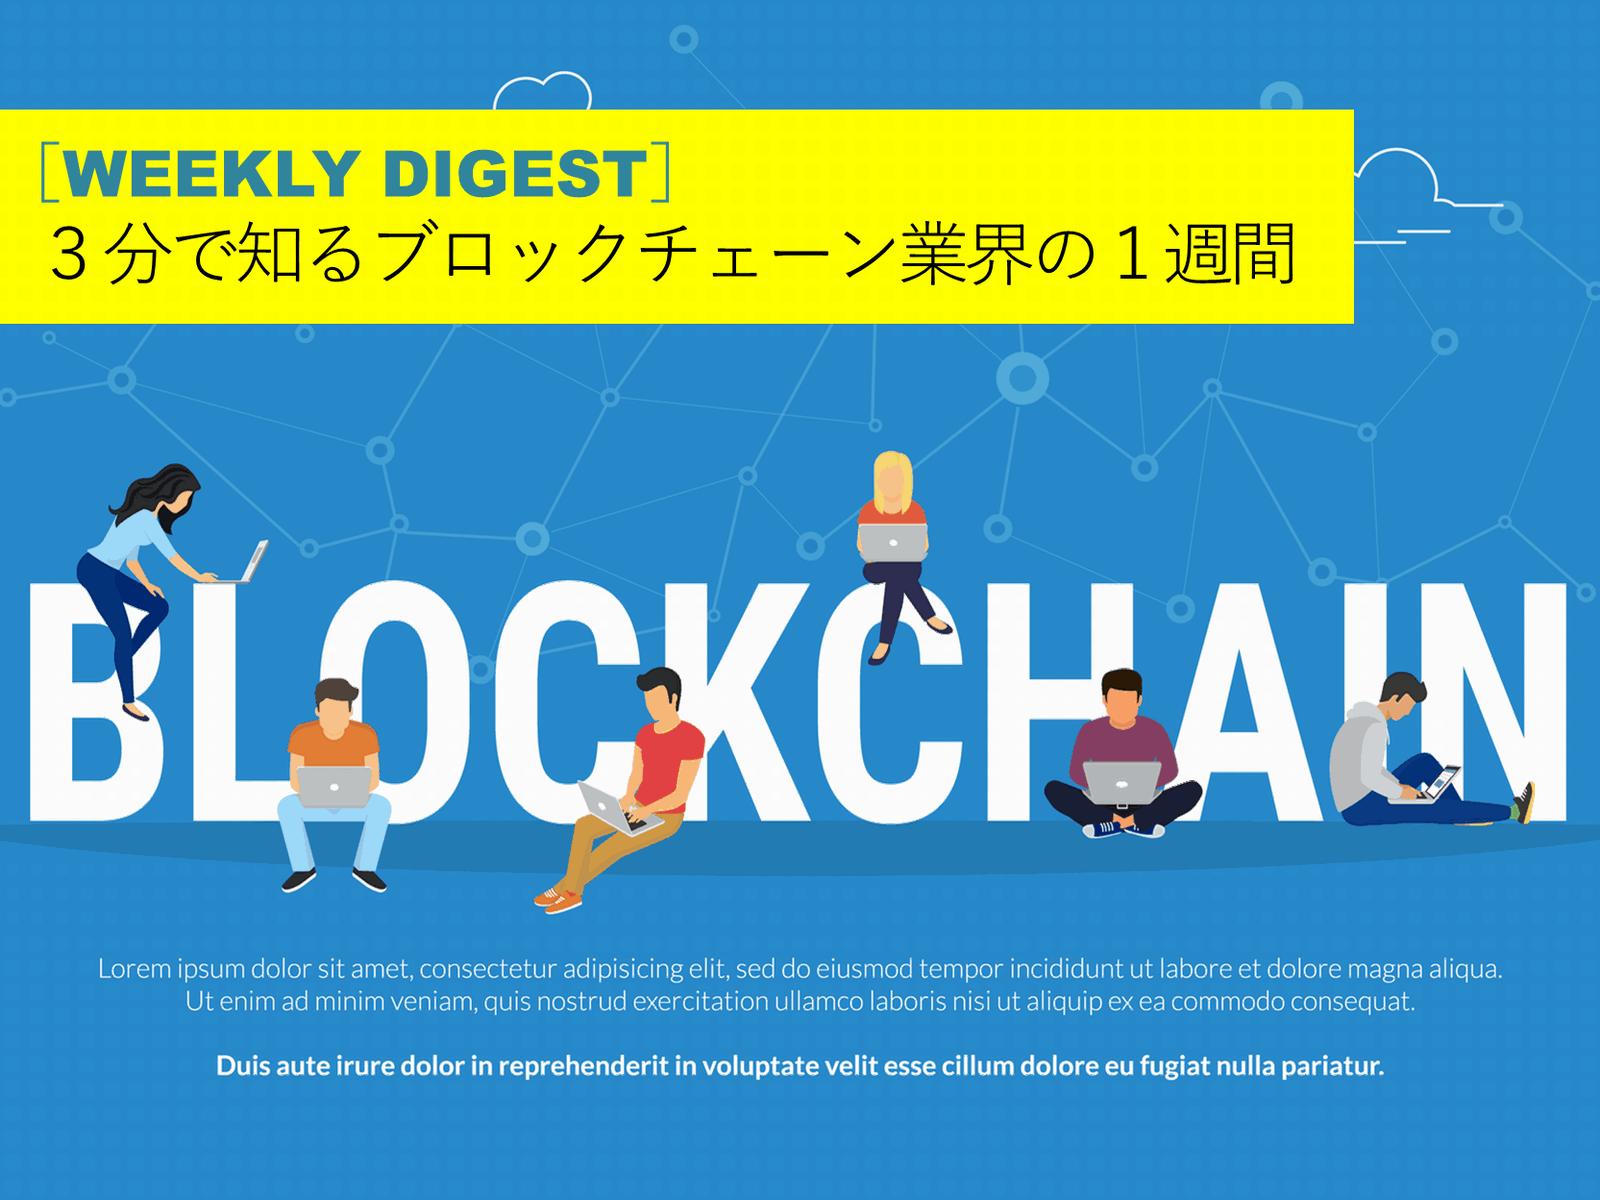 3分で知るブロックチェーン業界の1週間[4/15-21]MUFGの新型ブロックチェーン/仮想通貨現物取引開始/メタップスがICOサービス断念/ほか